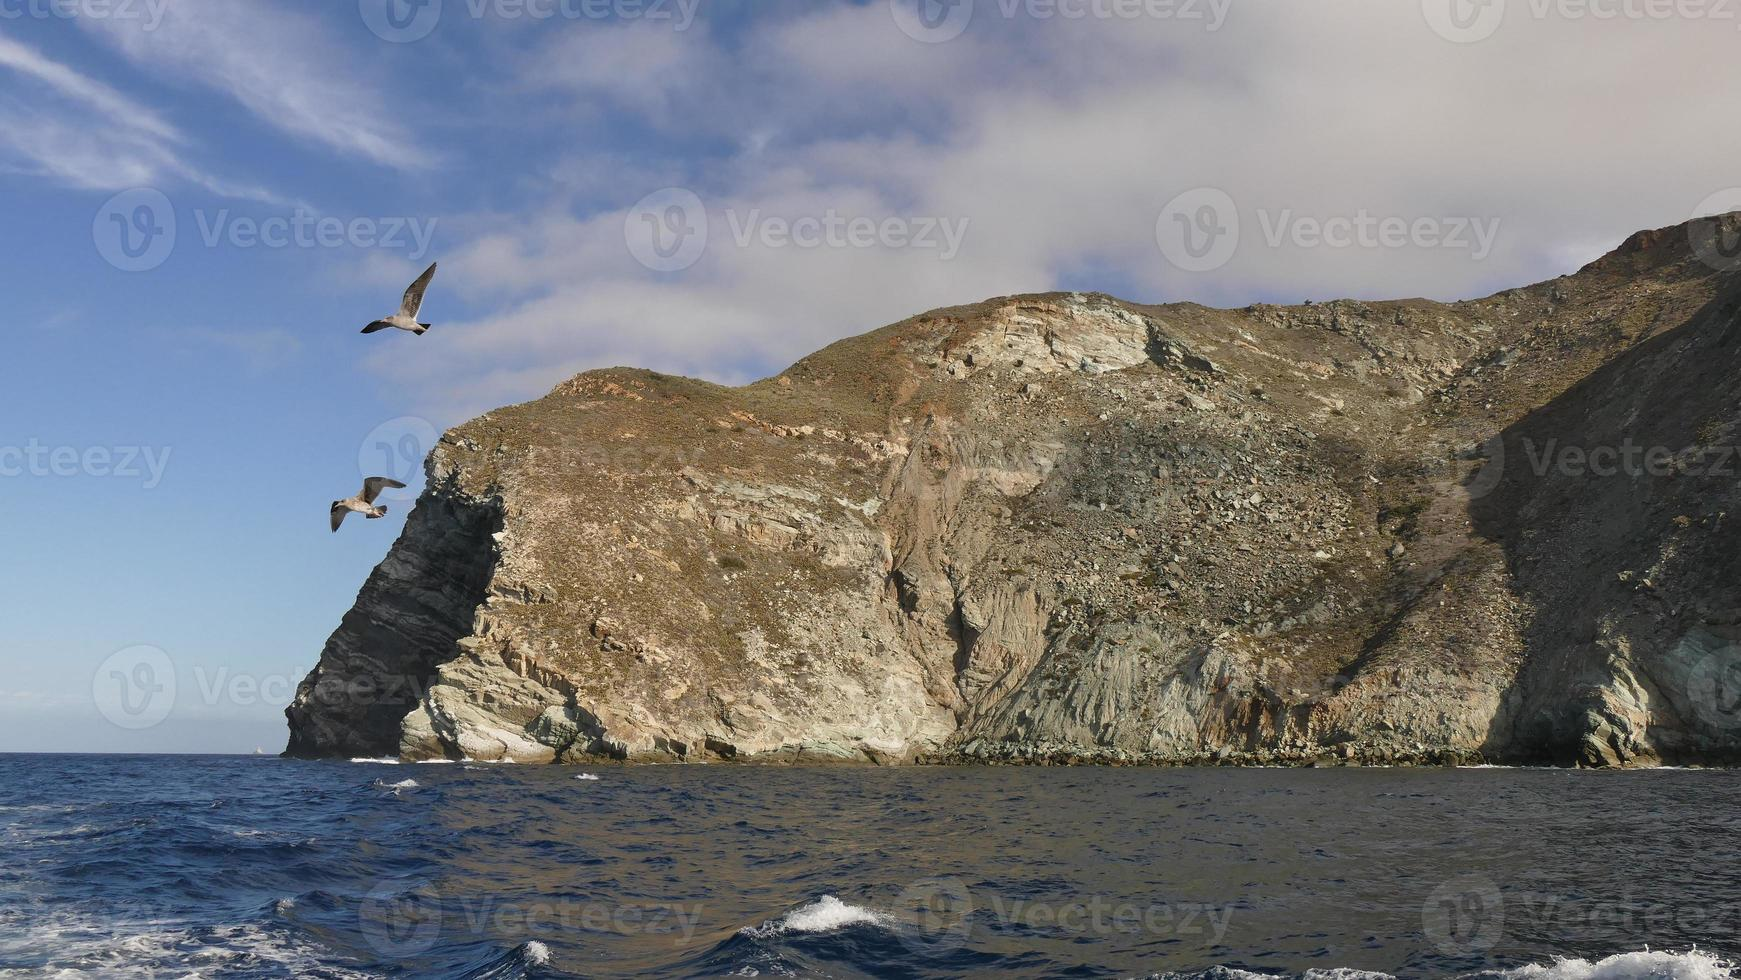 Catus Bay, côté ouest de l'île de Catalina. photo